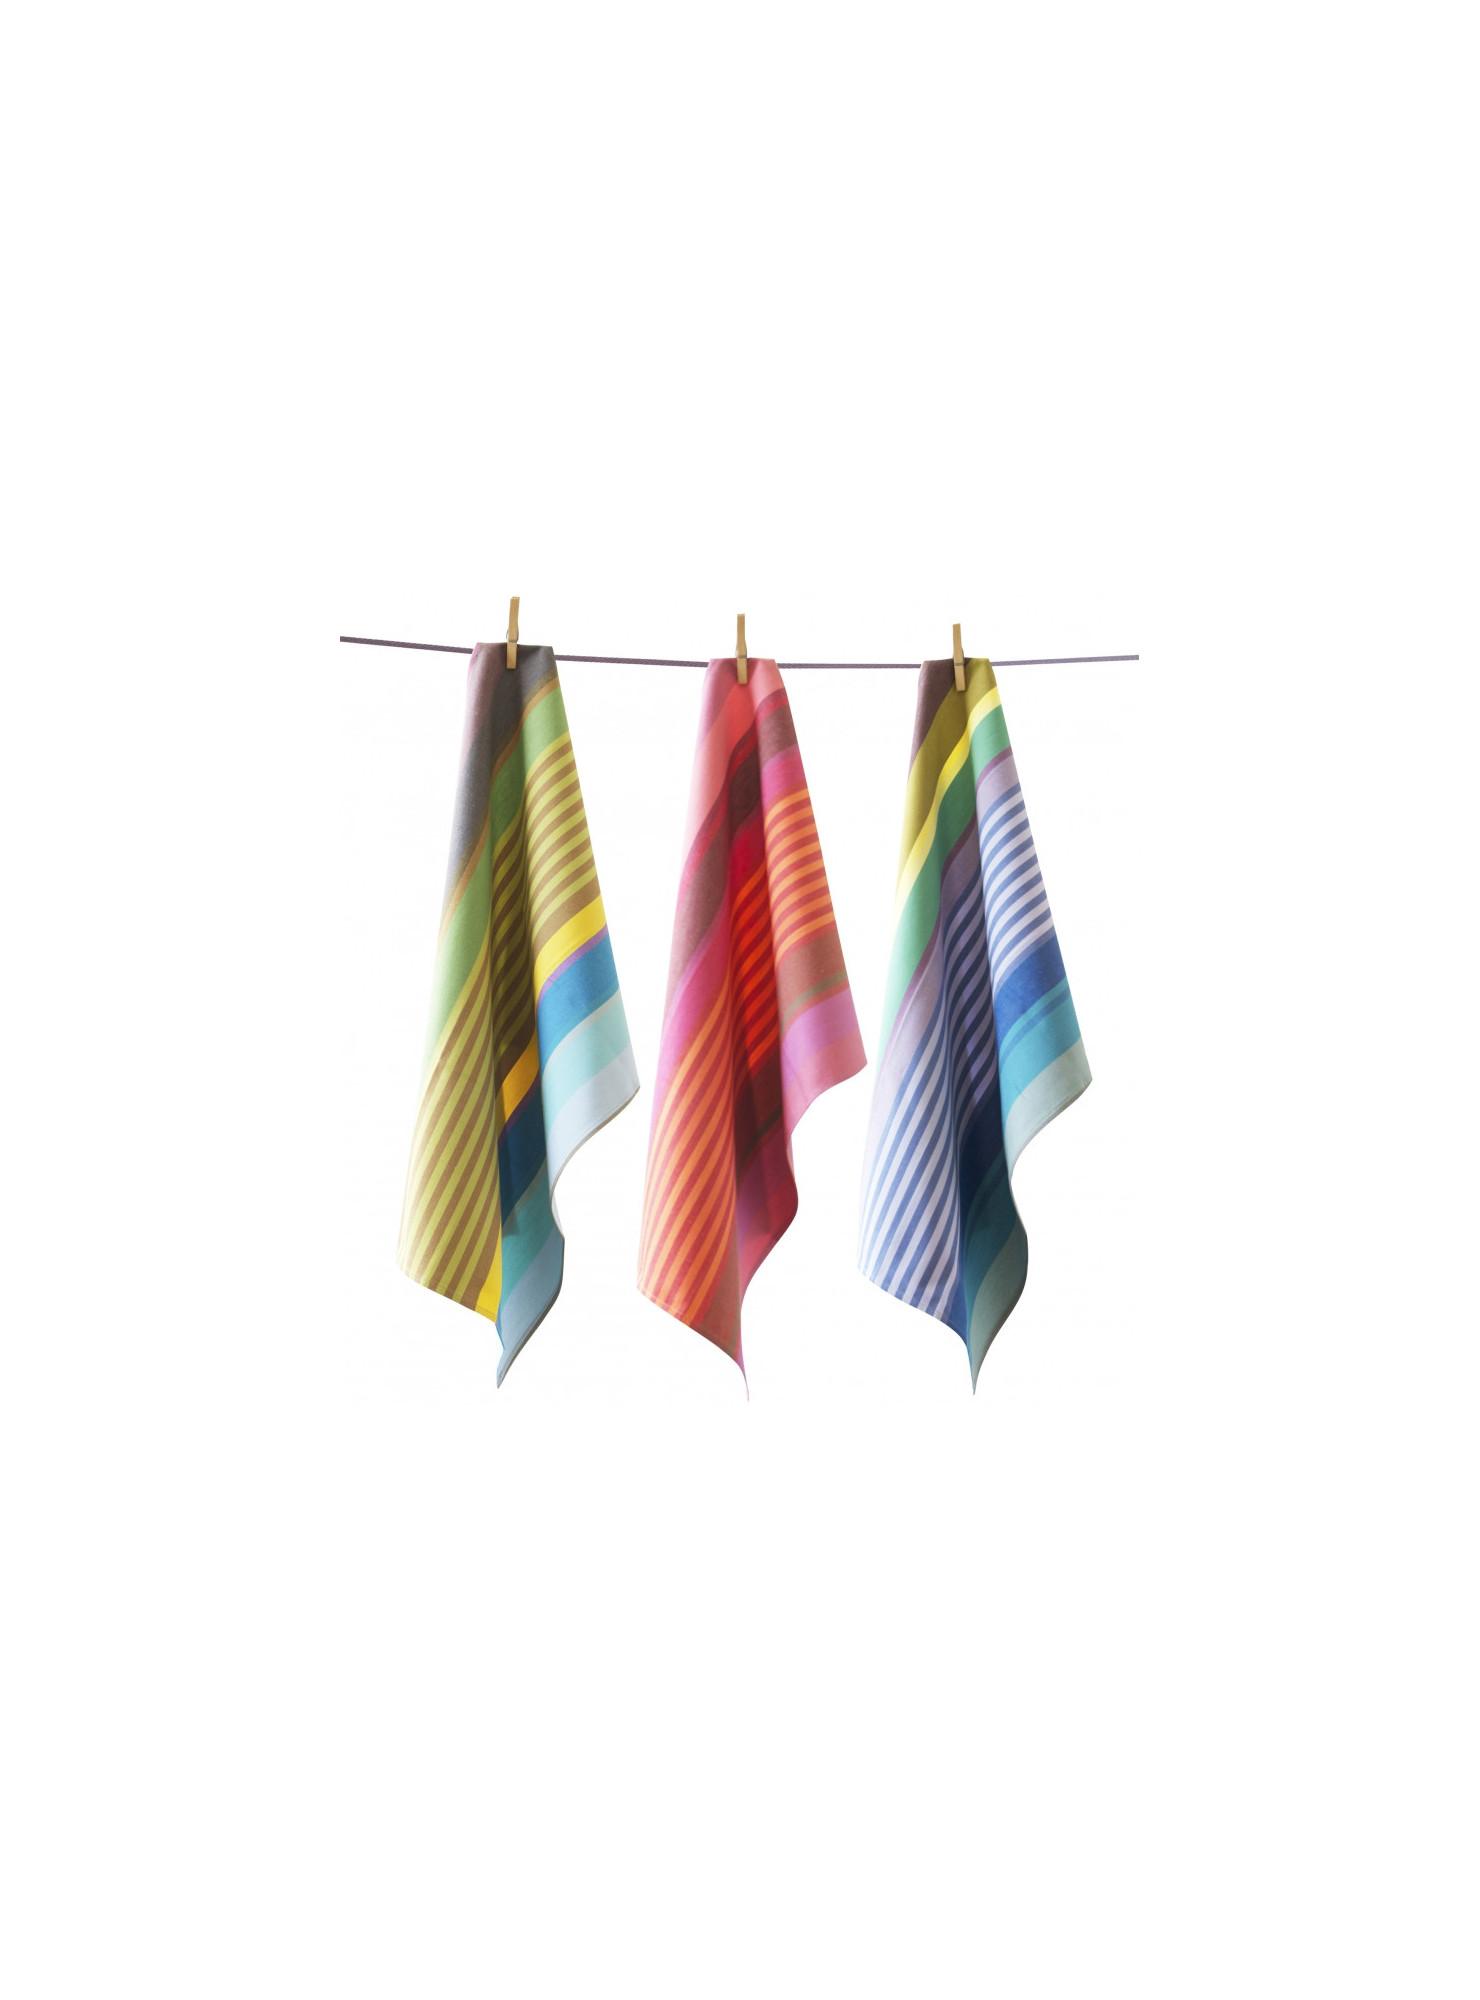 Tea towels Surfing basque kitchen linen